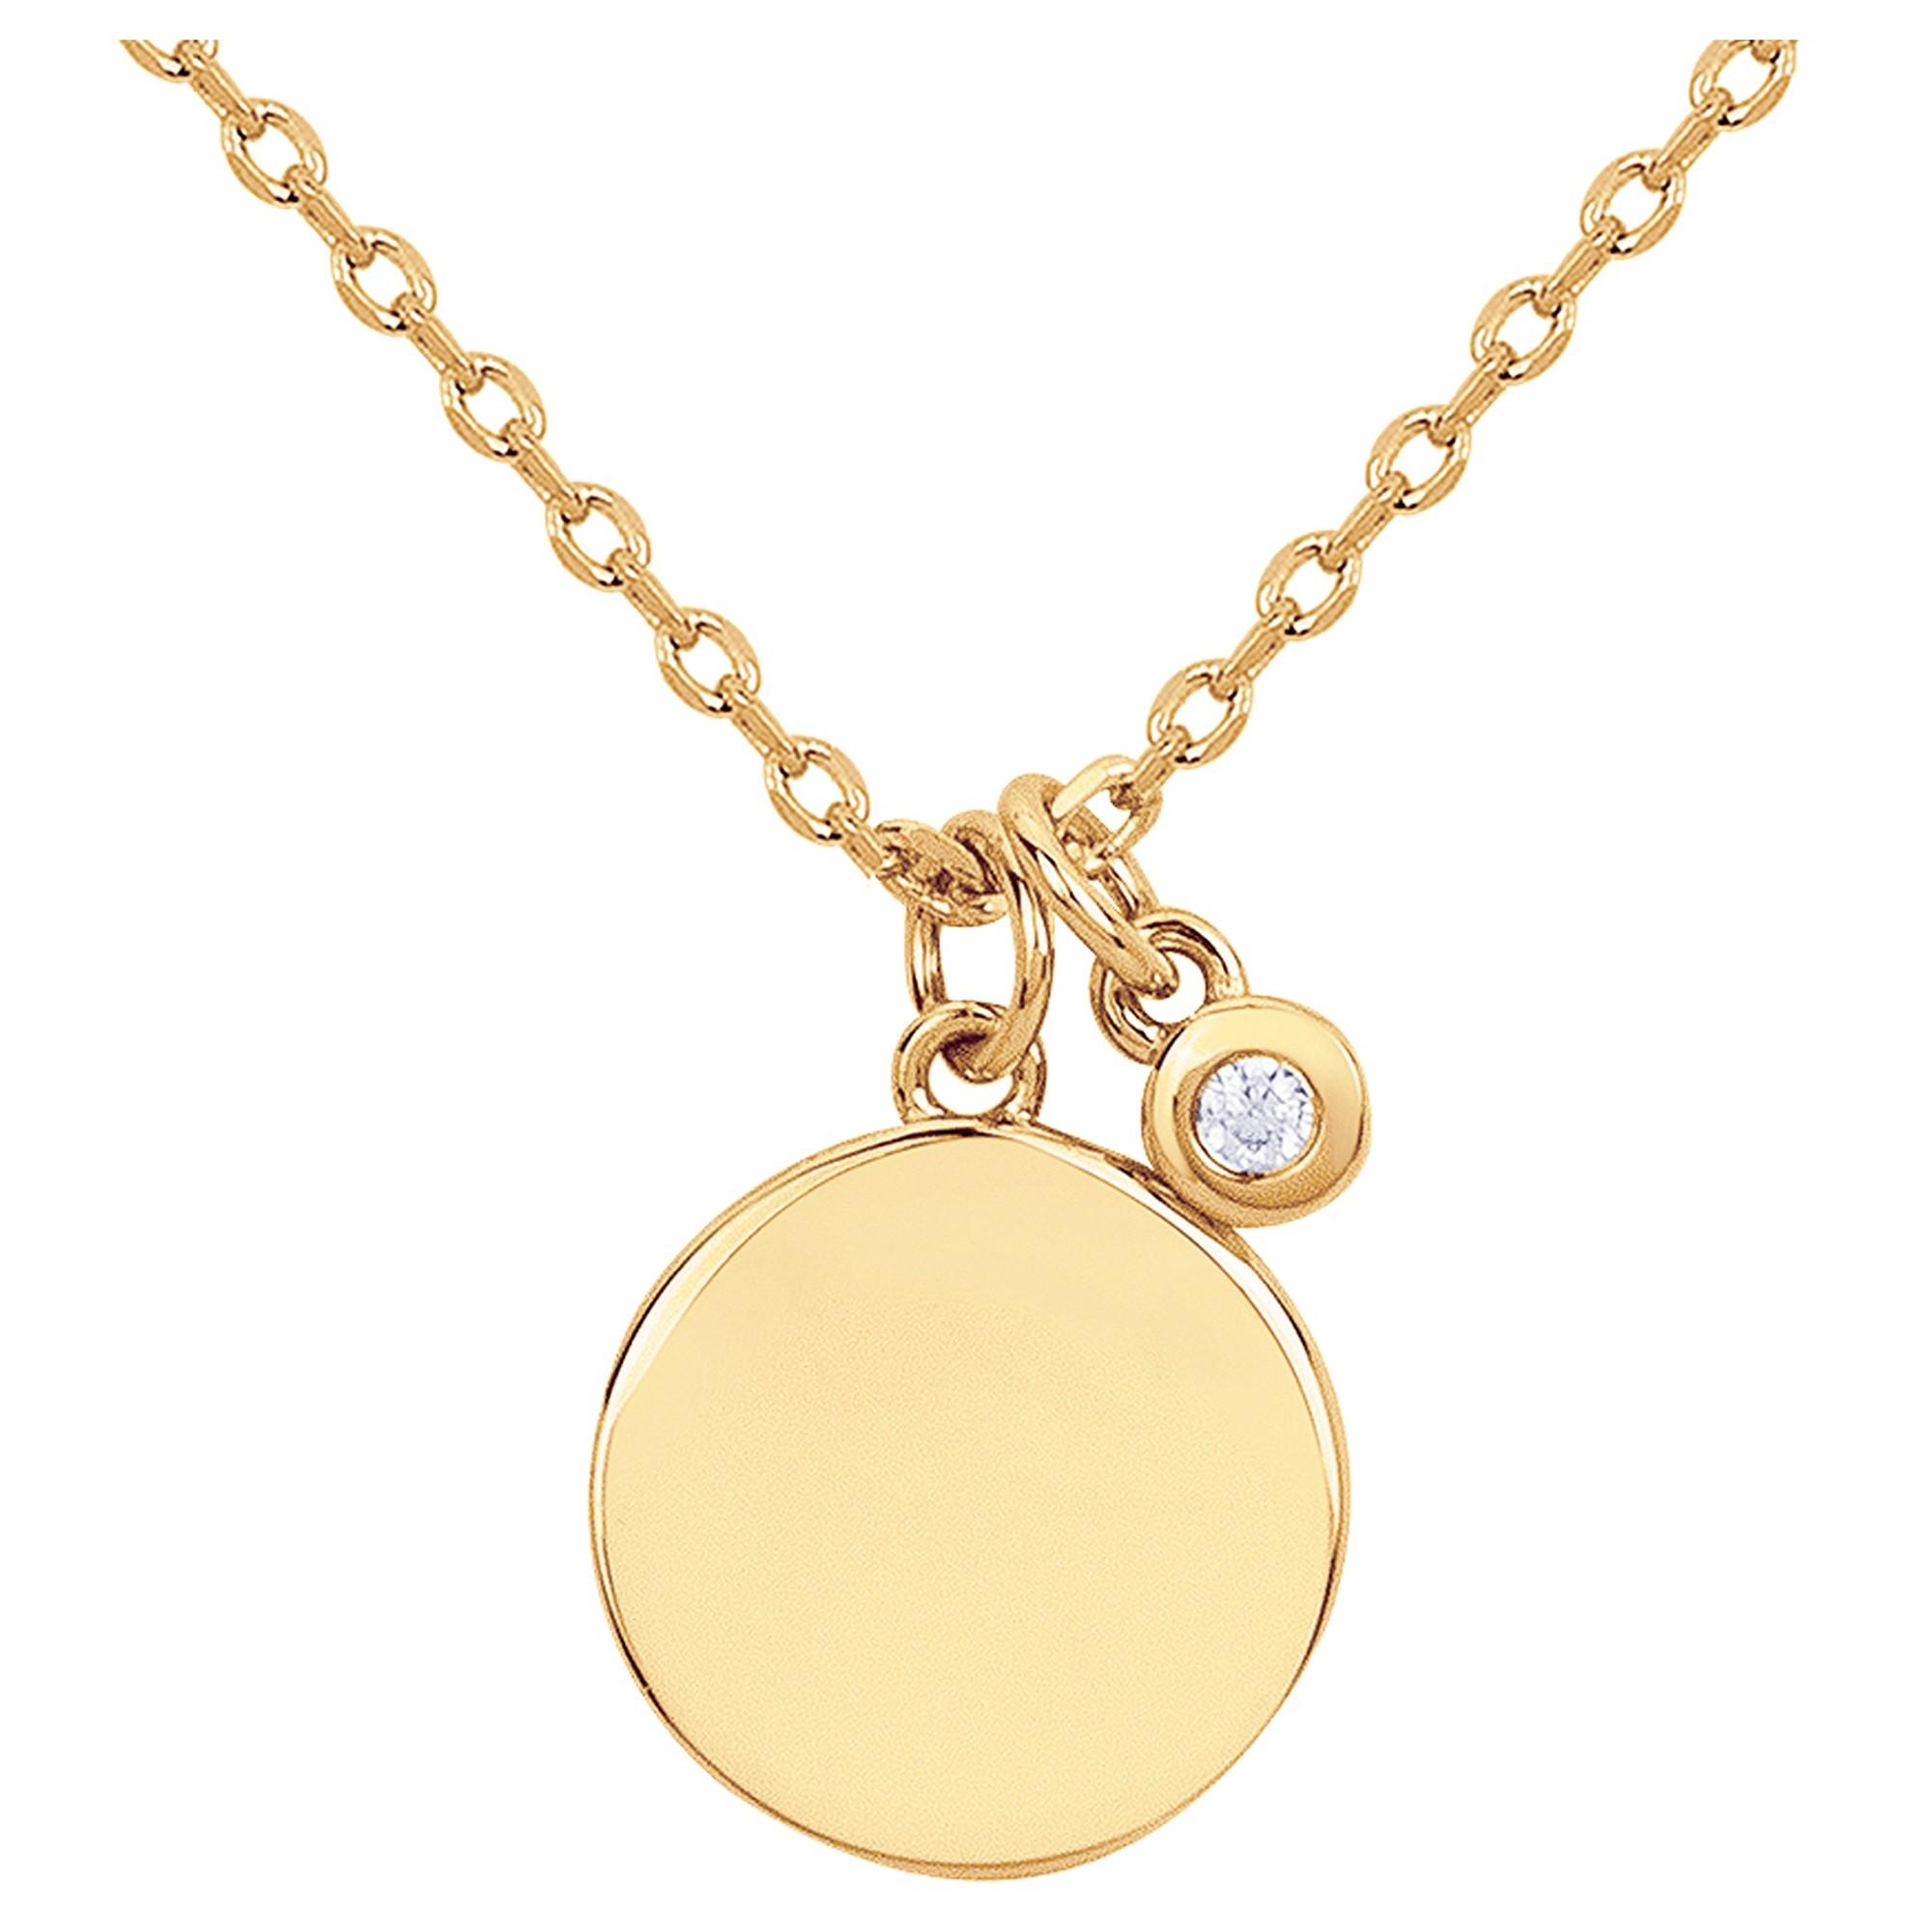 Collier plaqué or 750 millièmes jaune Femme La Garçonne Diamant